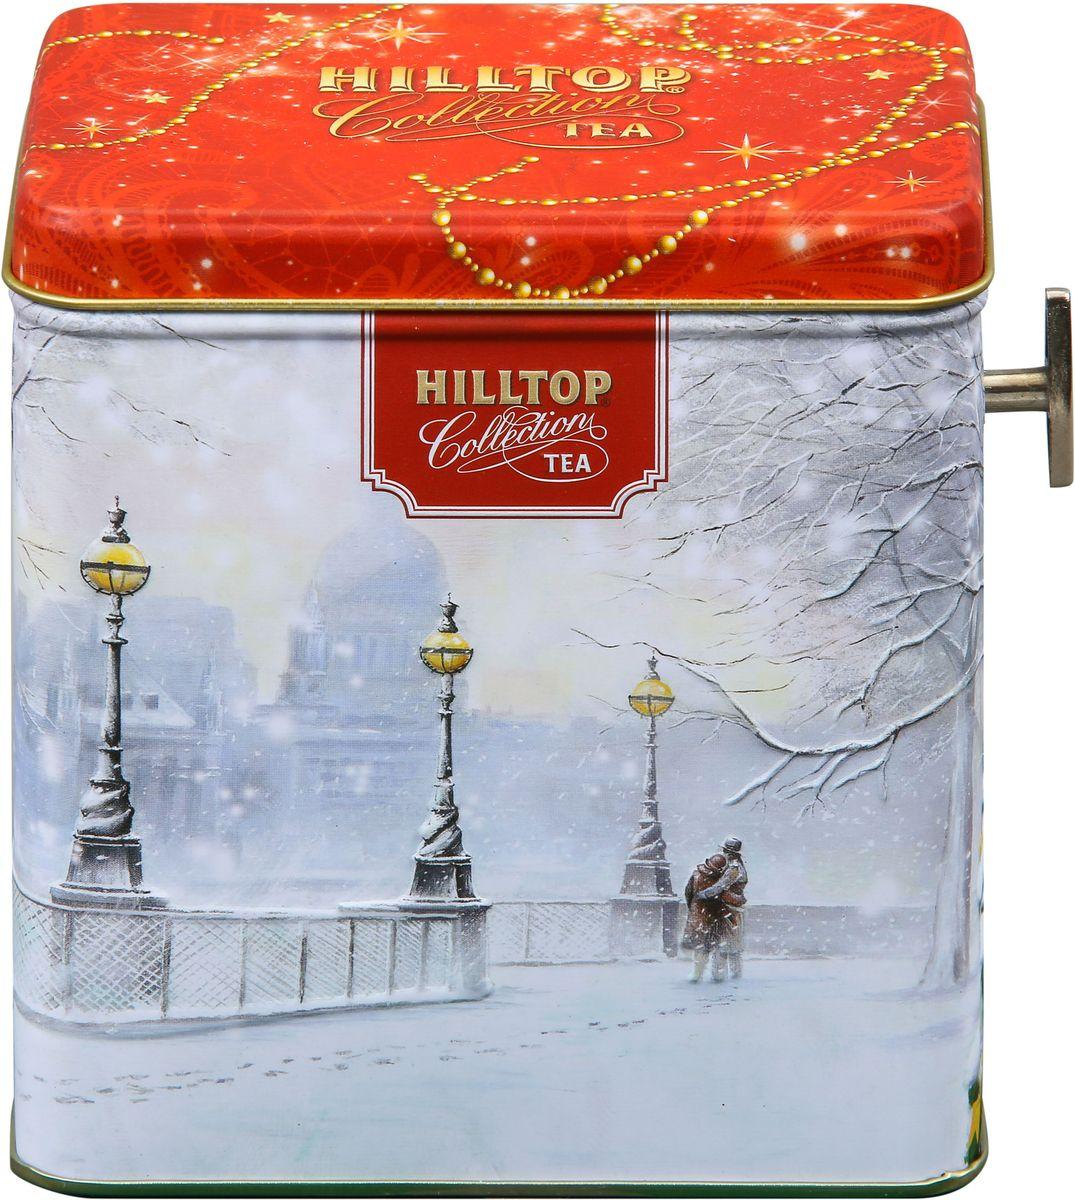 Hilltop Шкатулка Заснеженный город Эрл Грей ароматизированный листовой чай, 100 г mabroc эрл грей чай черный листовой 100 г